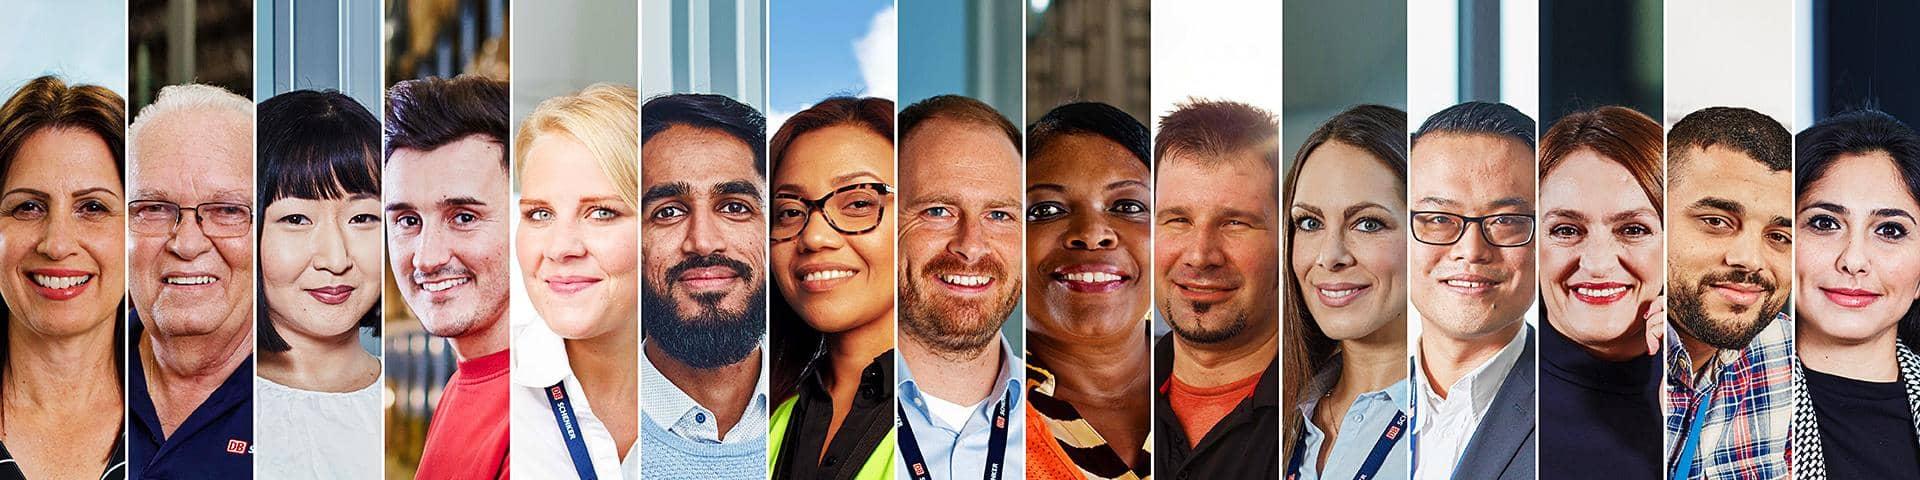 DB Schenker Cultural Diversity